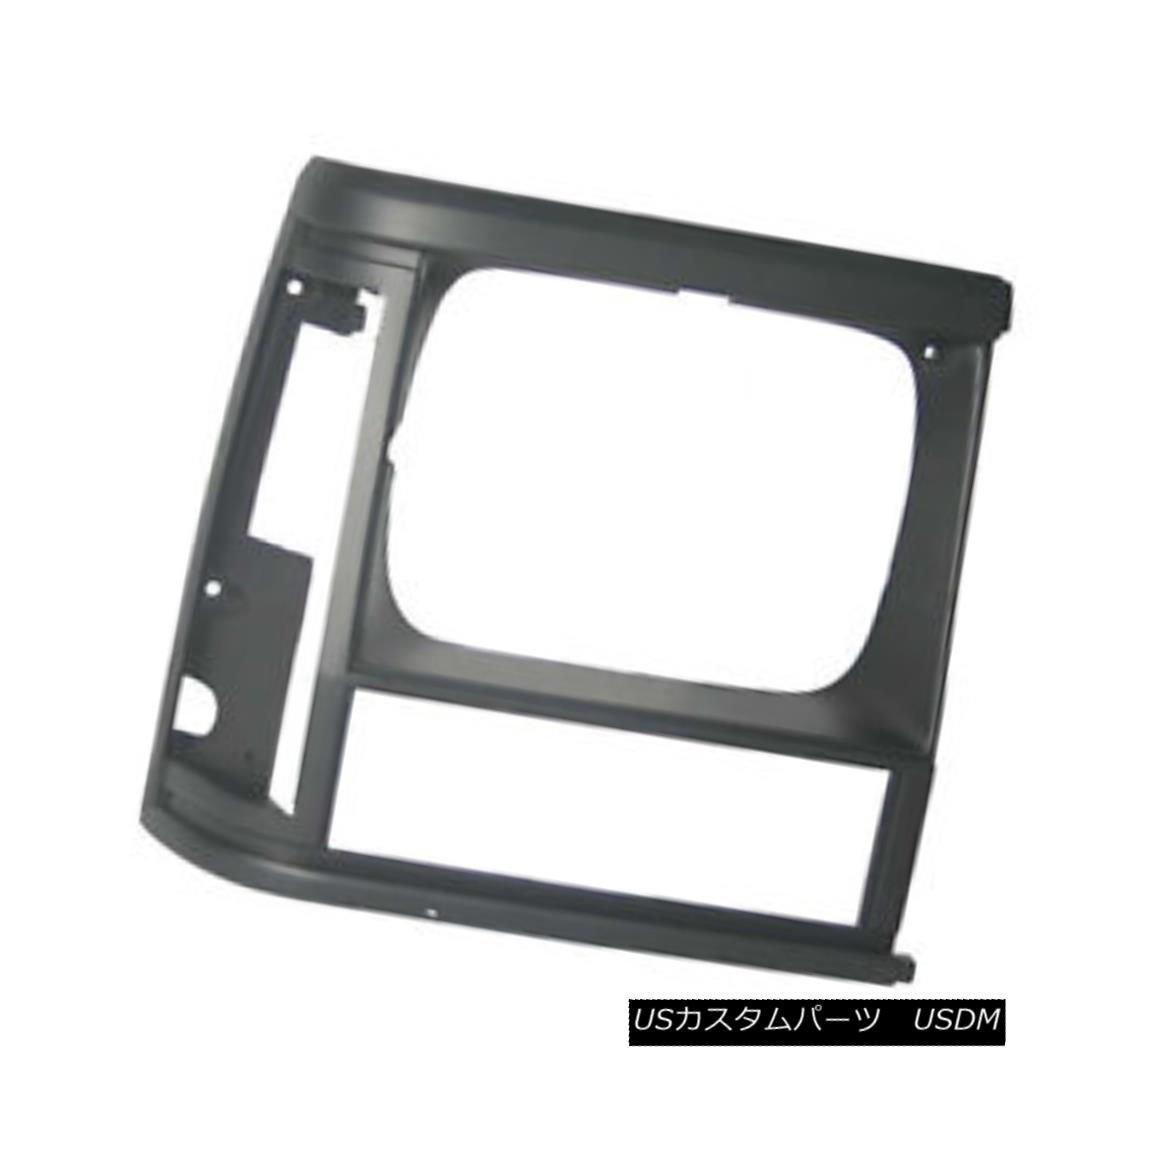 グリル New Replacement Headlight Door Black Passenger Side for Single Lamp 630-00972B 単一のランプ630-00972Bのための新しい交換ヘッドライトドア黒の旅客側